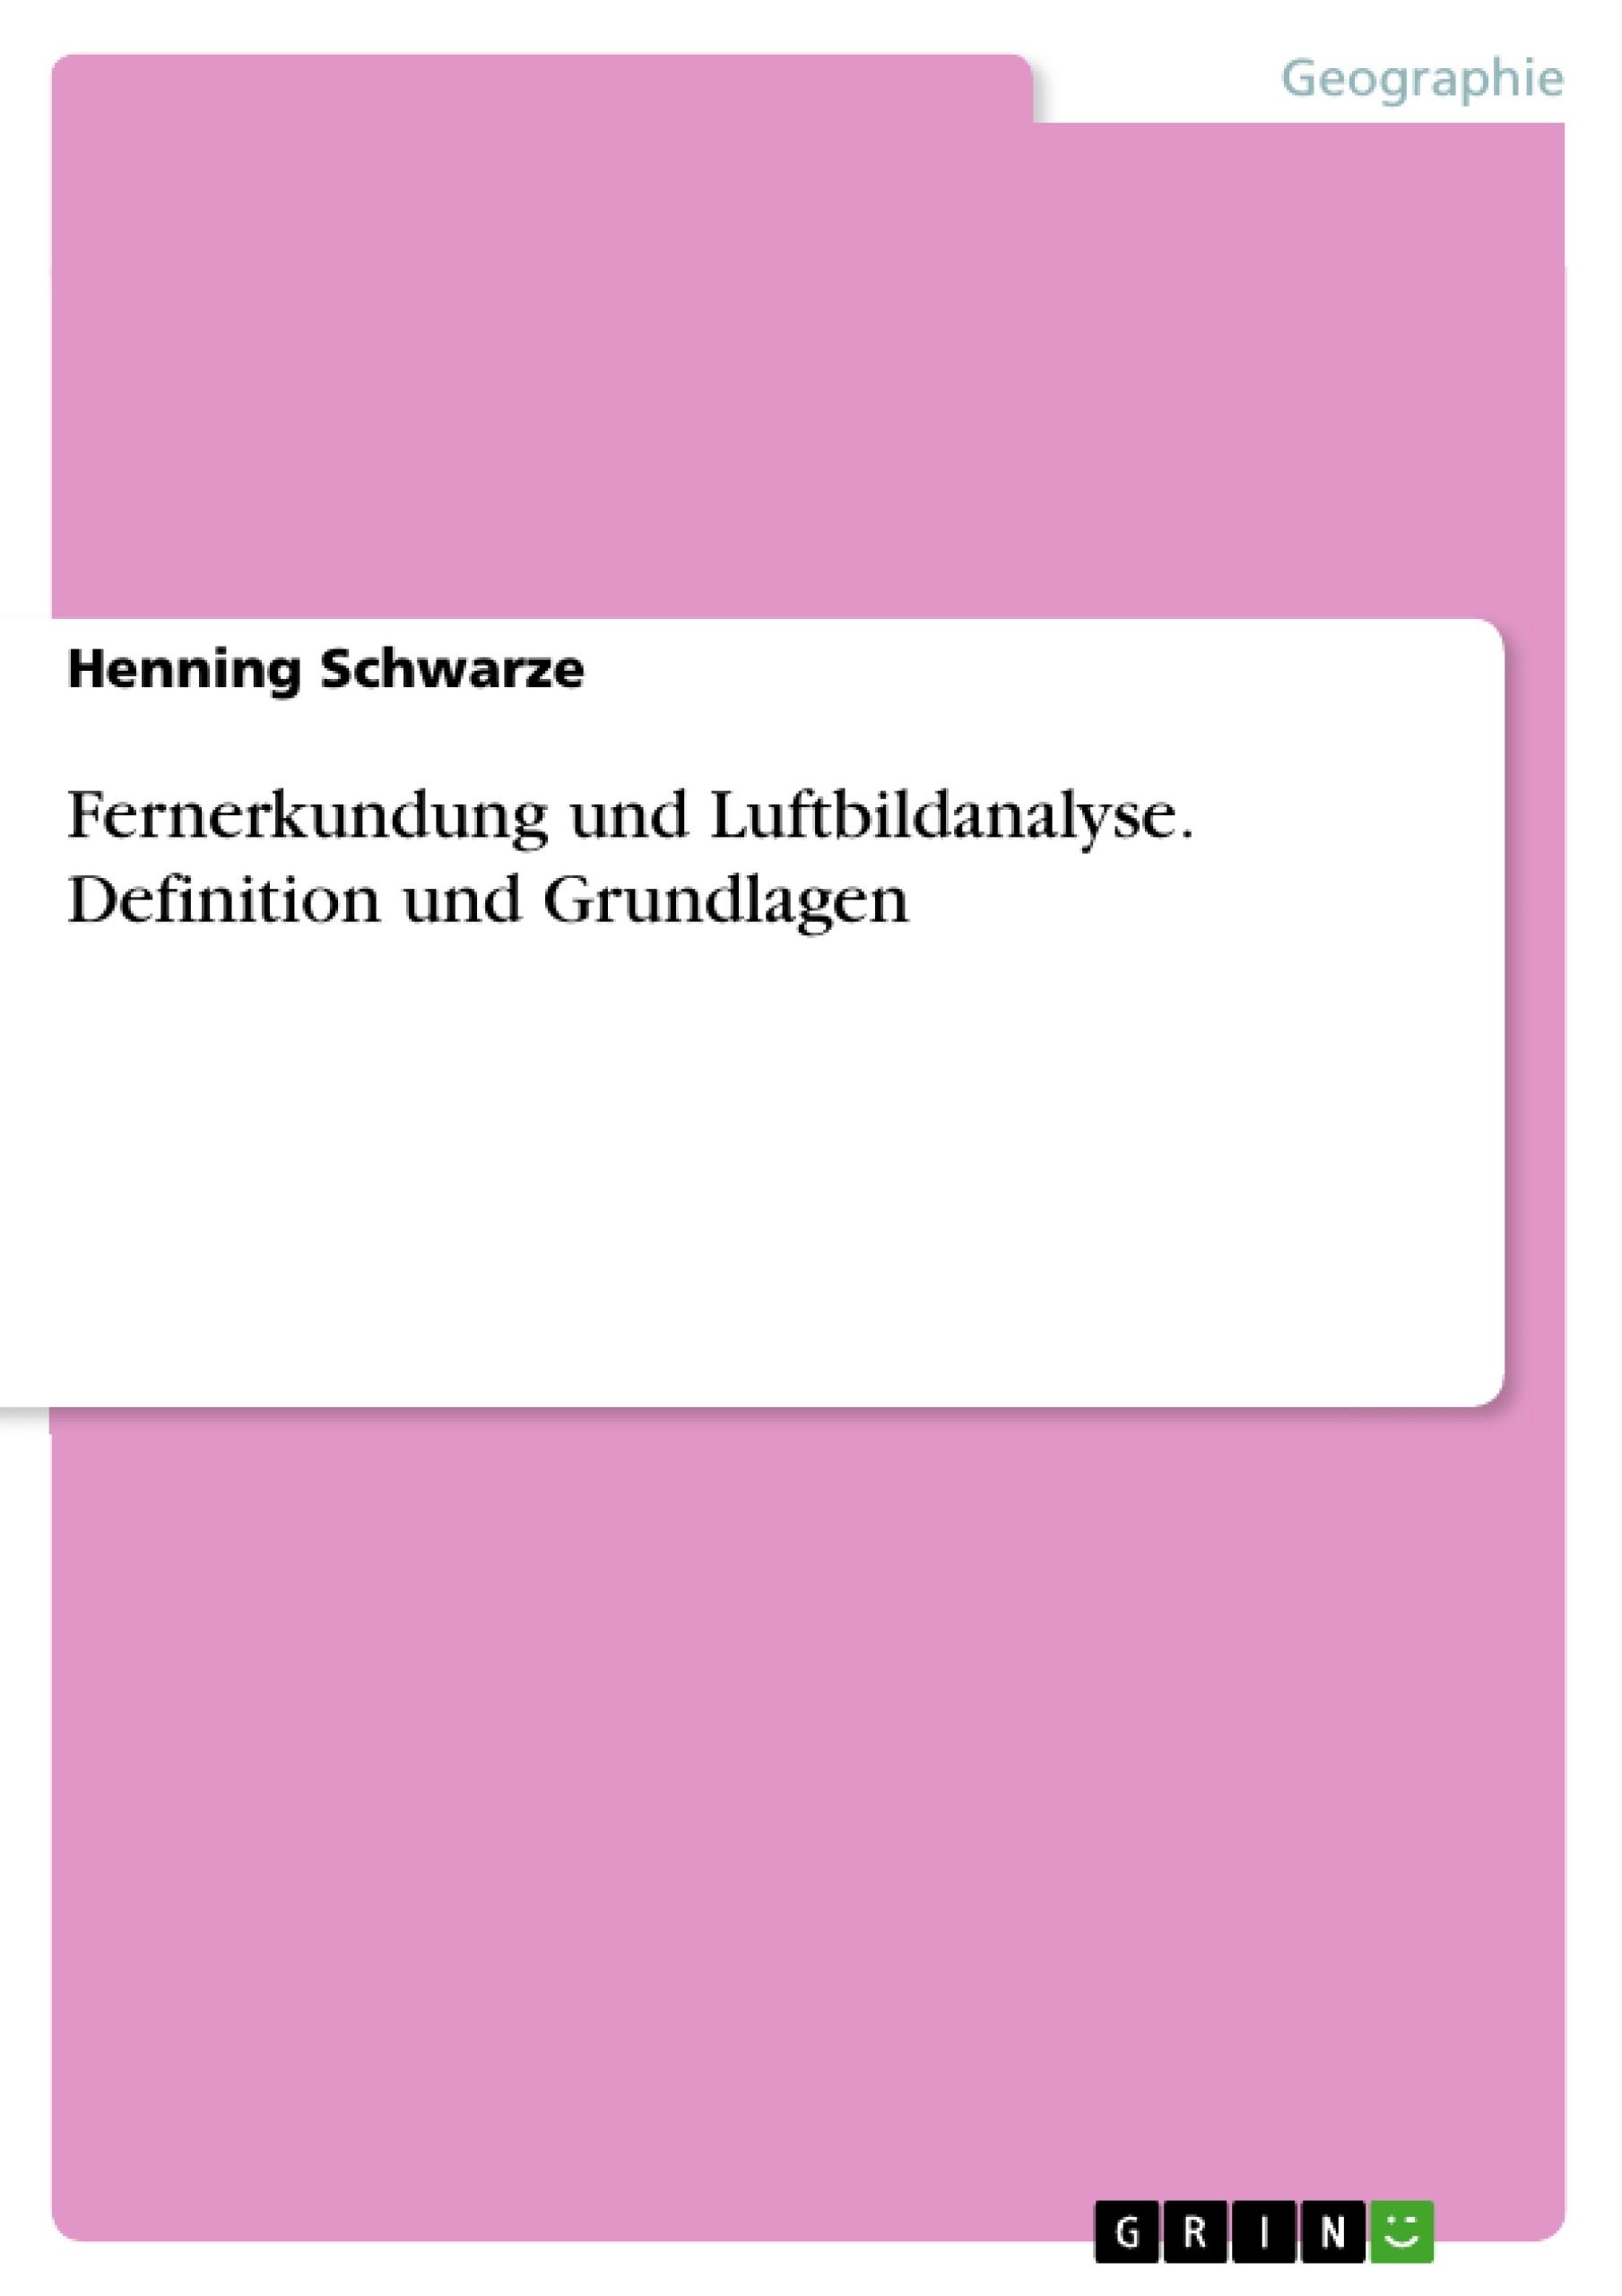 Titel: Fernerkundung und Luftbildanalyse. Definition und Grundlagen